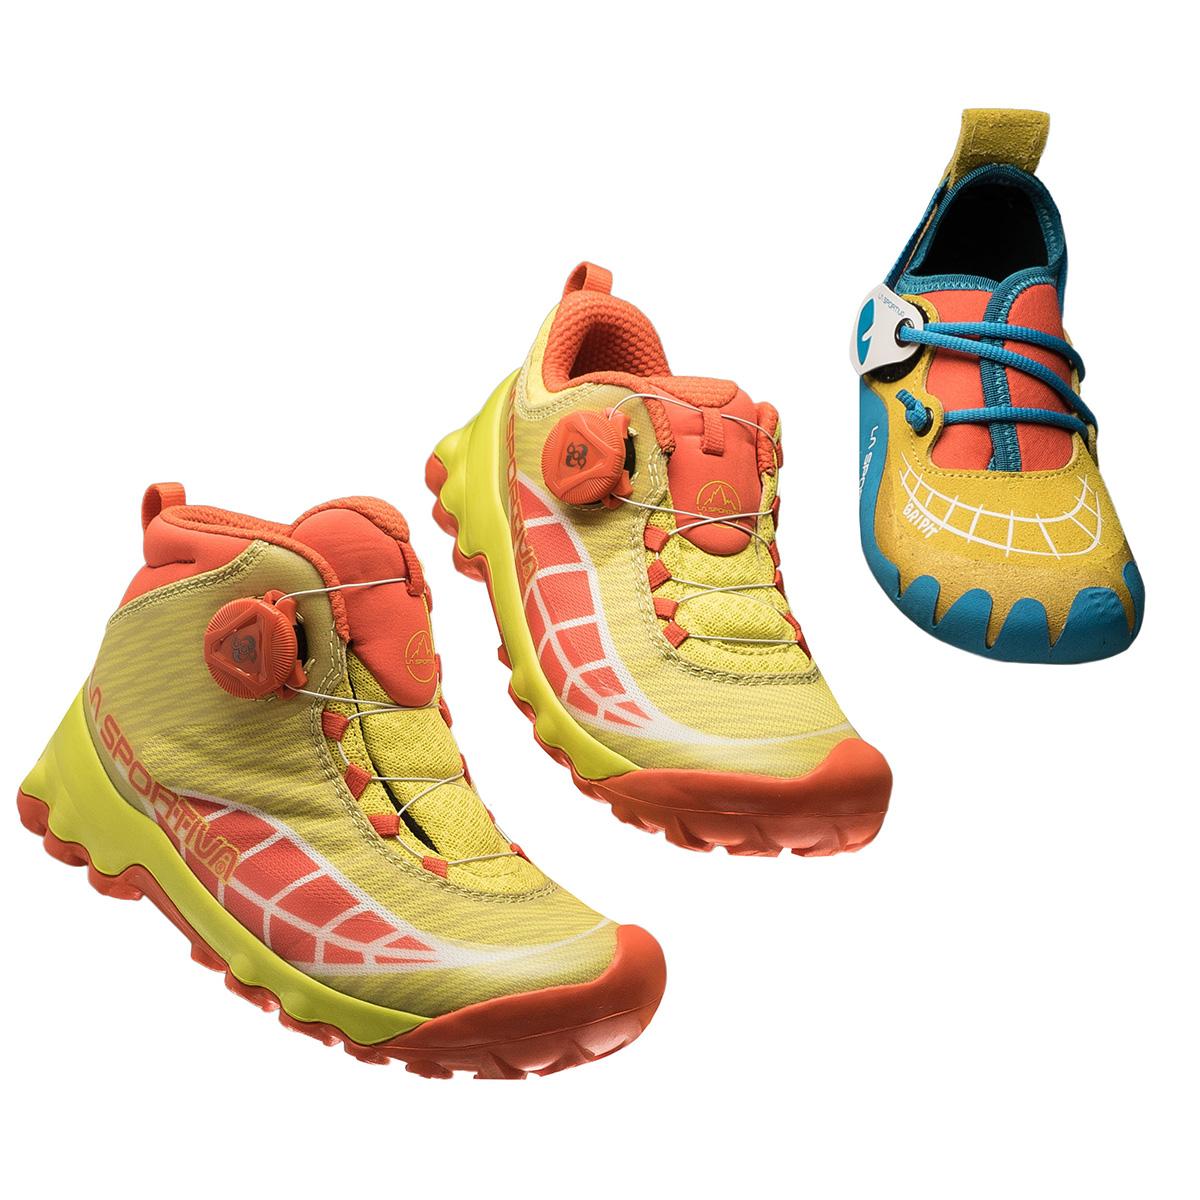 Scarpe trekking bambino e scarponcini da montagna | La Sportiva®